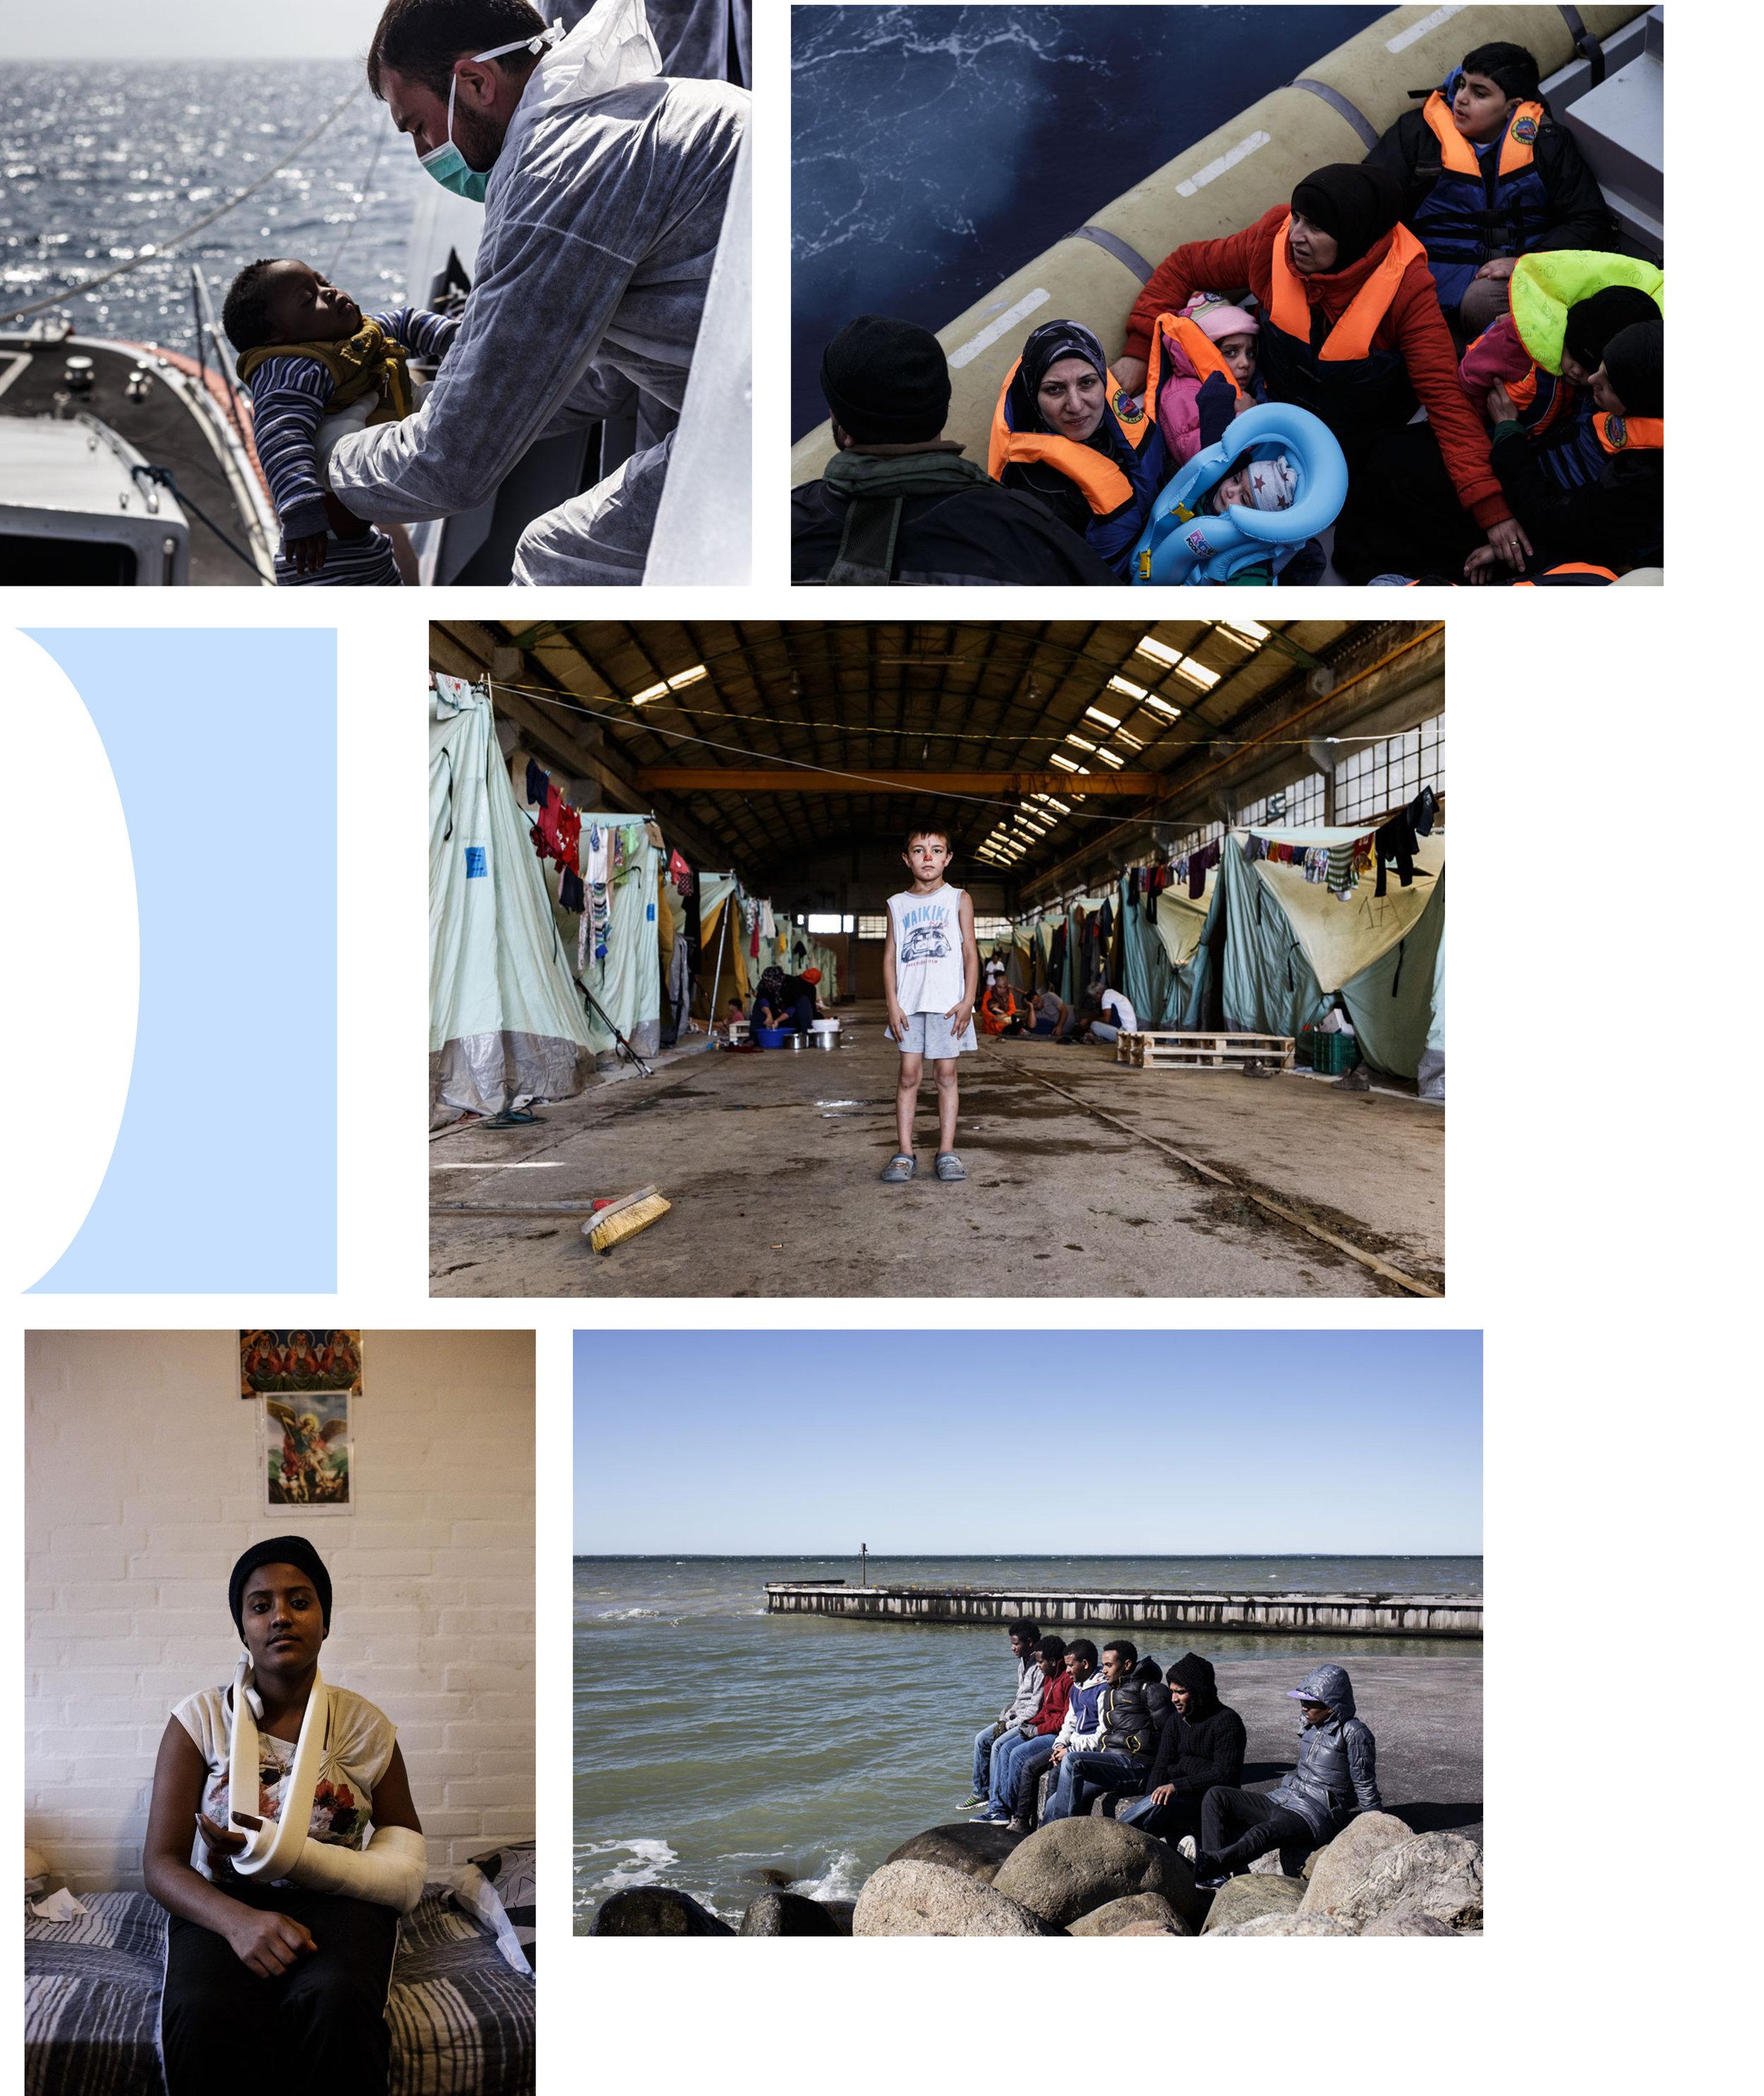 Cosa succede al di là del nostro mare - Il seminario affronta la tematica dei flussi migratori, di cui Romina Vinci si occupa con continuità da tre anni. Nell'Aprile 2014 si imbarca in una nave della Marina Militare pattugliando in lungo e in largo il Mediterraneo per due settimane, e documenta il salvataggio di migliaia di vite umane con l'operazione Mare Nostrum. Qualche mese dopo raggiunge la Turchia, e visita i campi profughi al confine con la Siria sorti nella città di Kilis. Segue poi un periodo in Nord Europa, Danimarca e Svezia, dove Romina dapprima vive in un centro per richiedenti asilo in un paesino nel Nord dello Jutland, e poi, a Gotemborg, raccontando la difficile realtà di un quartiere abitato soltanto da seconde generazioni di migranti. Nel Settembre 2015 racconta la realtà del centro Baobab a Roma, dove transitano profughi provenienti soprattutto dall'Eritrea e diretti al Nord. Nel 2016 va alla ricerca dei muri d'Europa, raggiunge dapprima la giungla di Calais (Francia), poi è la volta della Grecia, a Salonicco, per toccare con mano gli effetti della chiusura della rotta balcanica.durata incontro: 1 ora e 20 minuti circa.